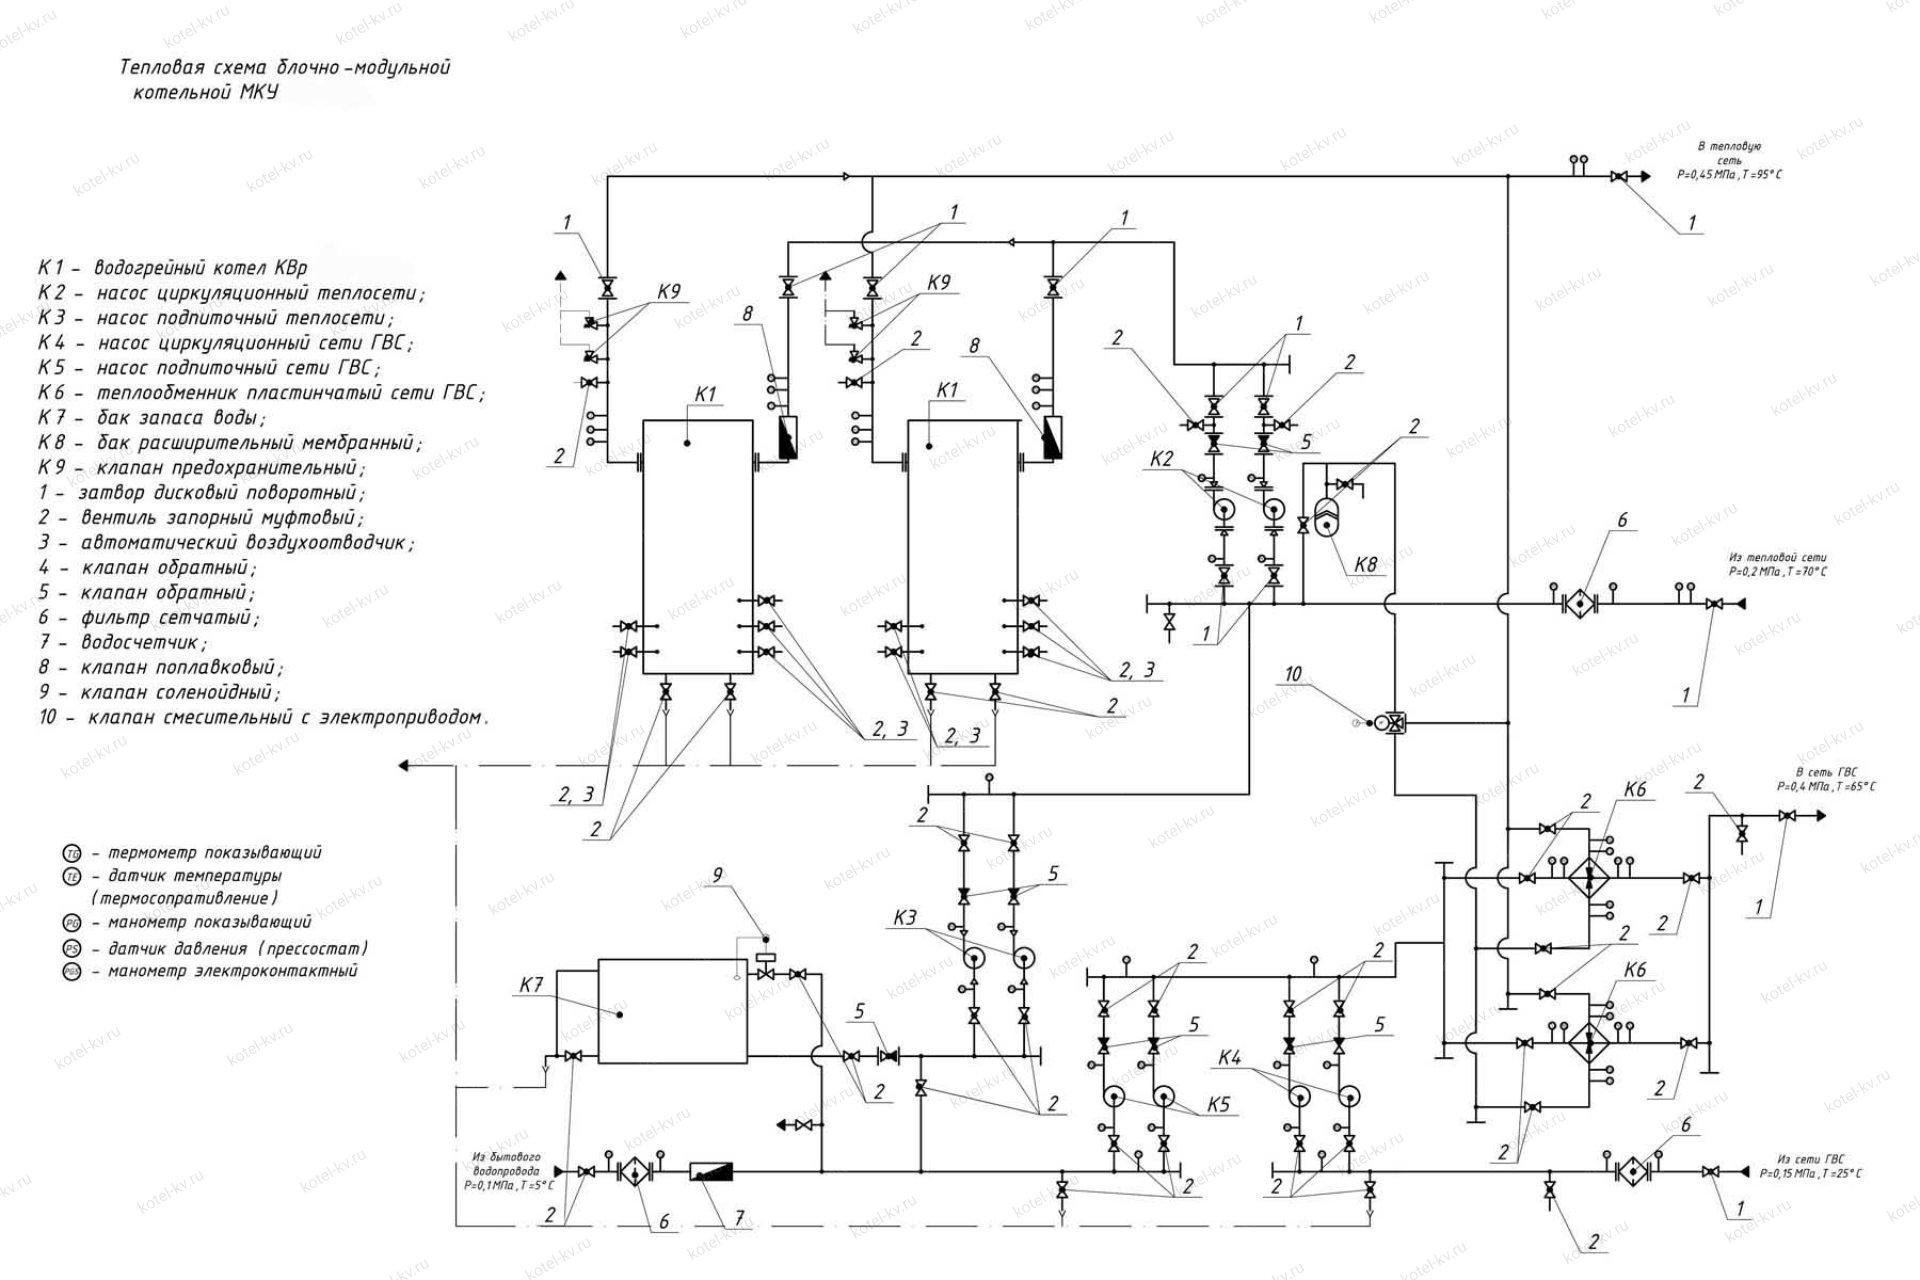 Принципиальная тепловая схема водогрейной котельной + схемы автоматизации